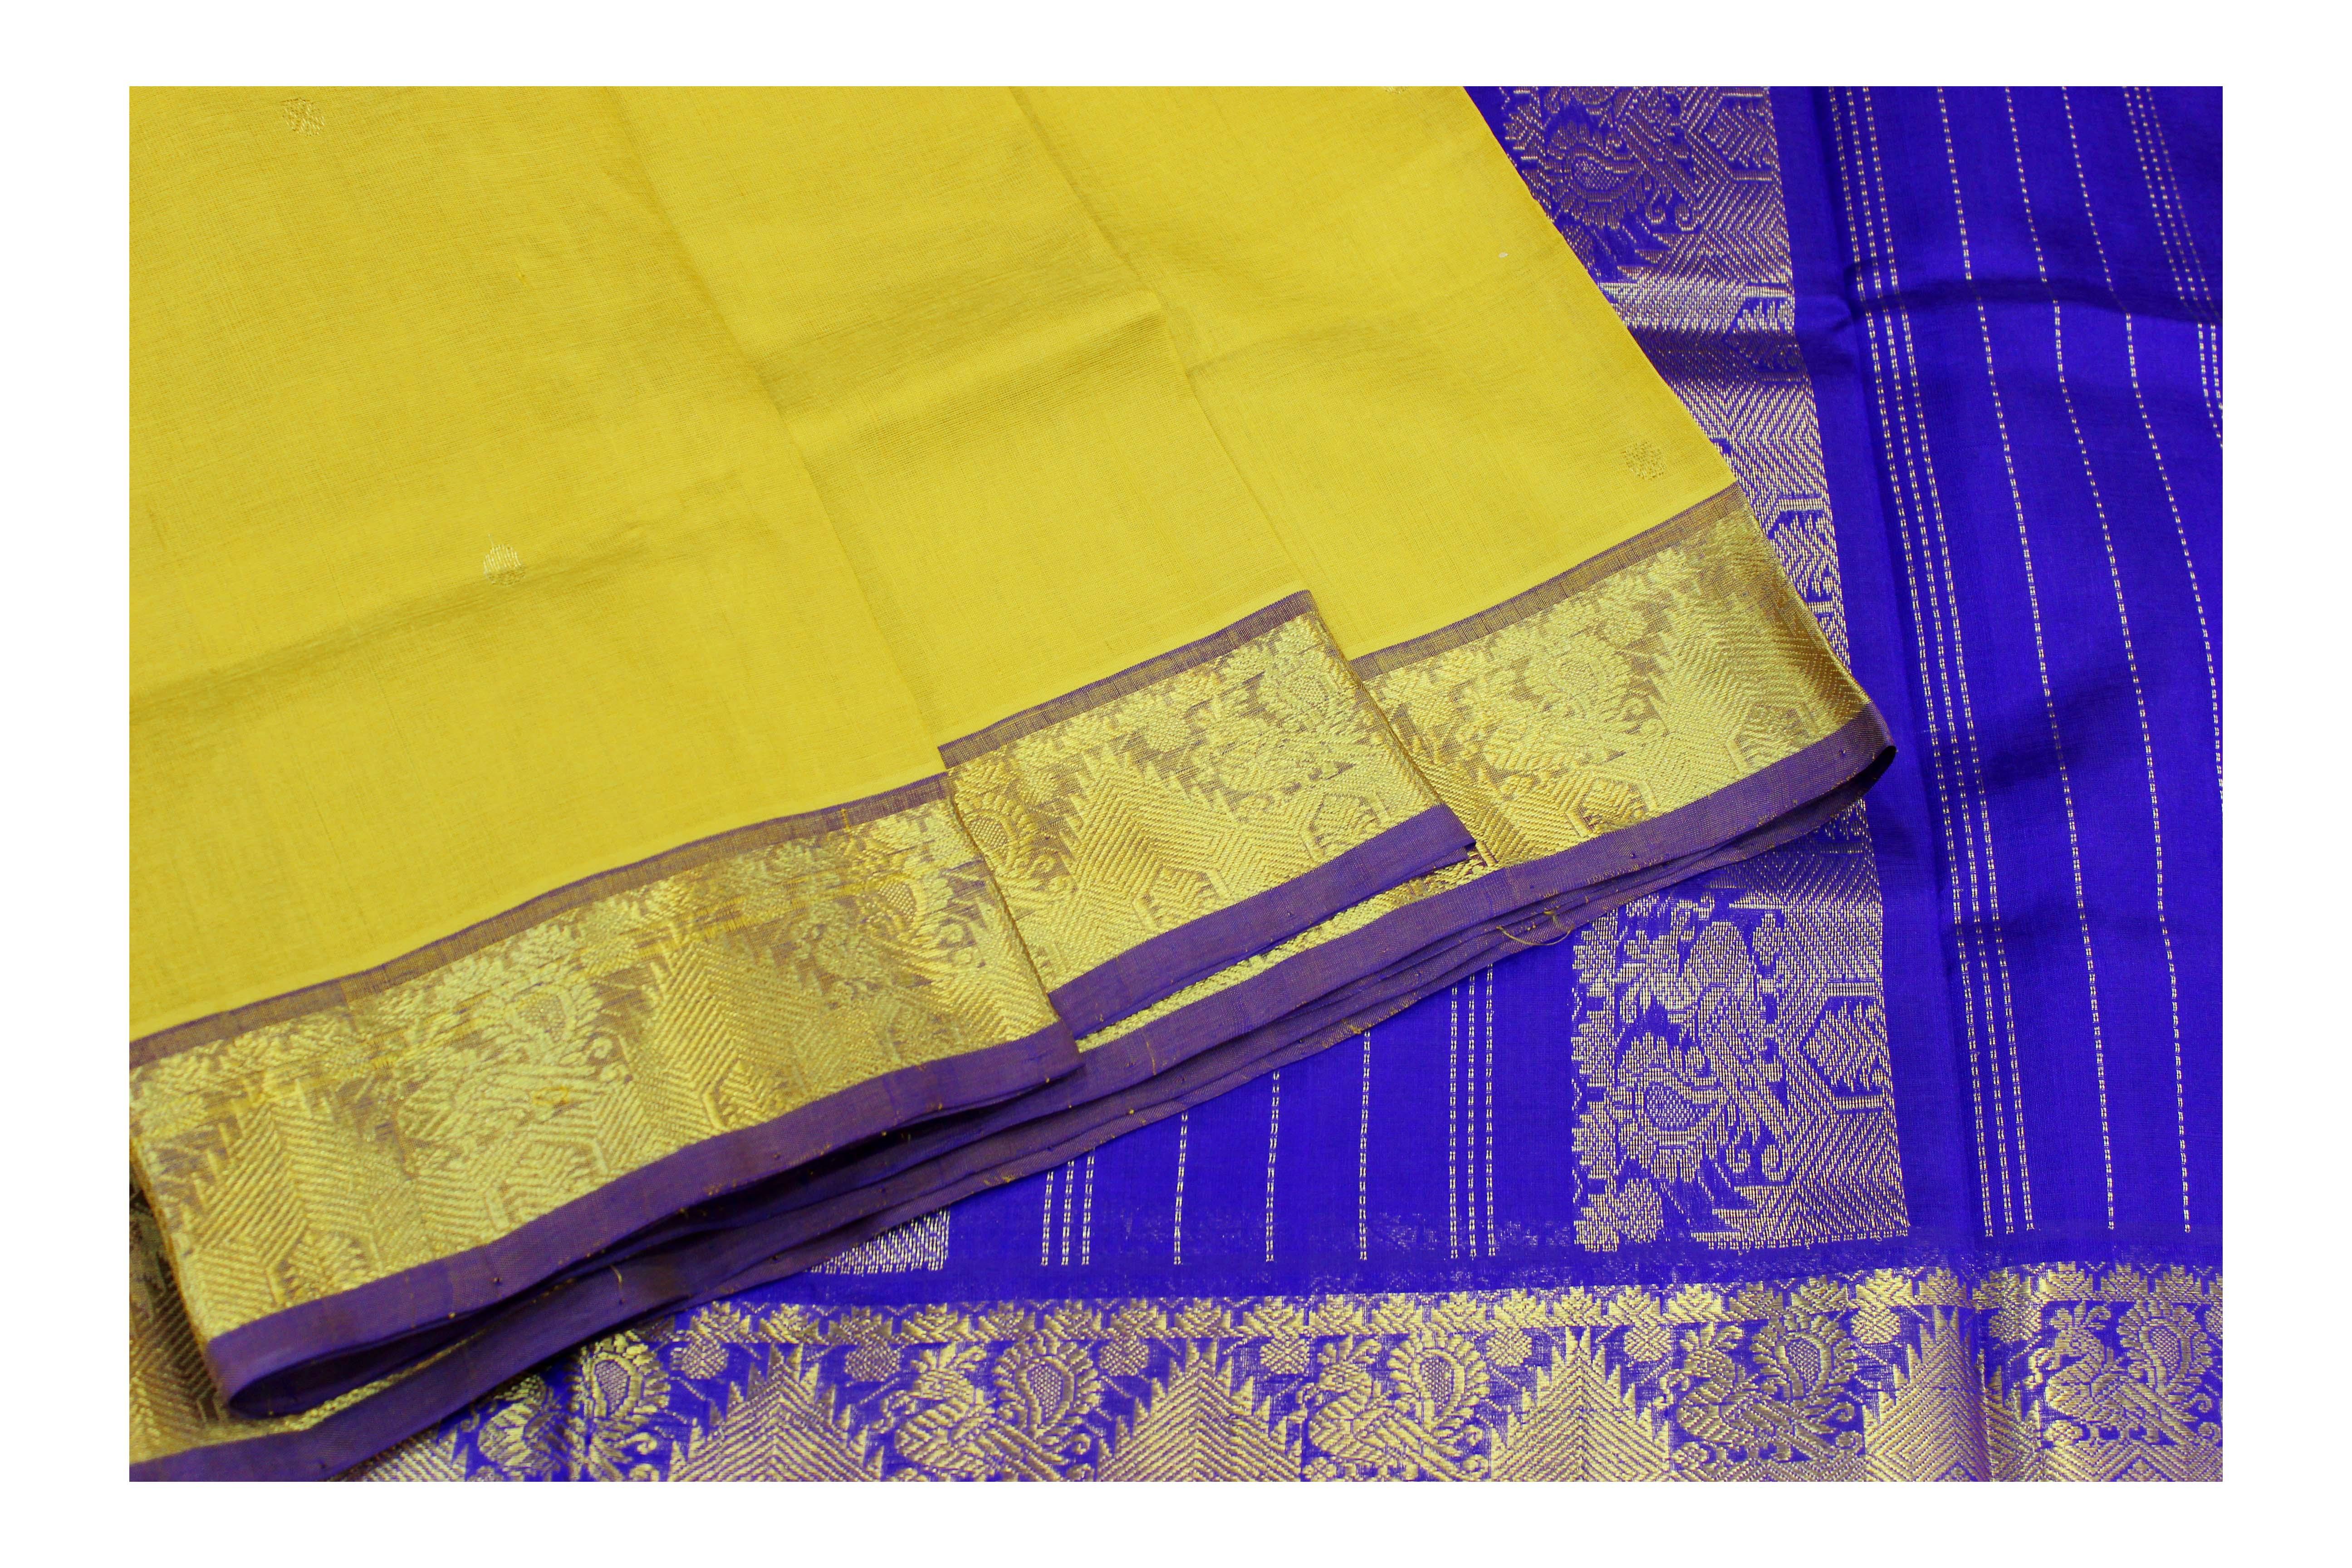 yellow and blue cotton fabric saree with golden jari